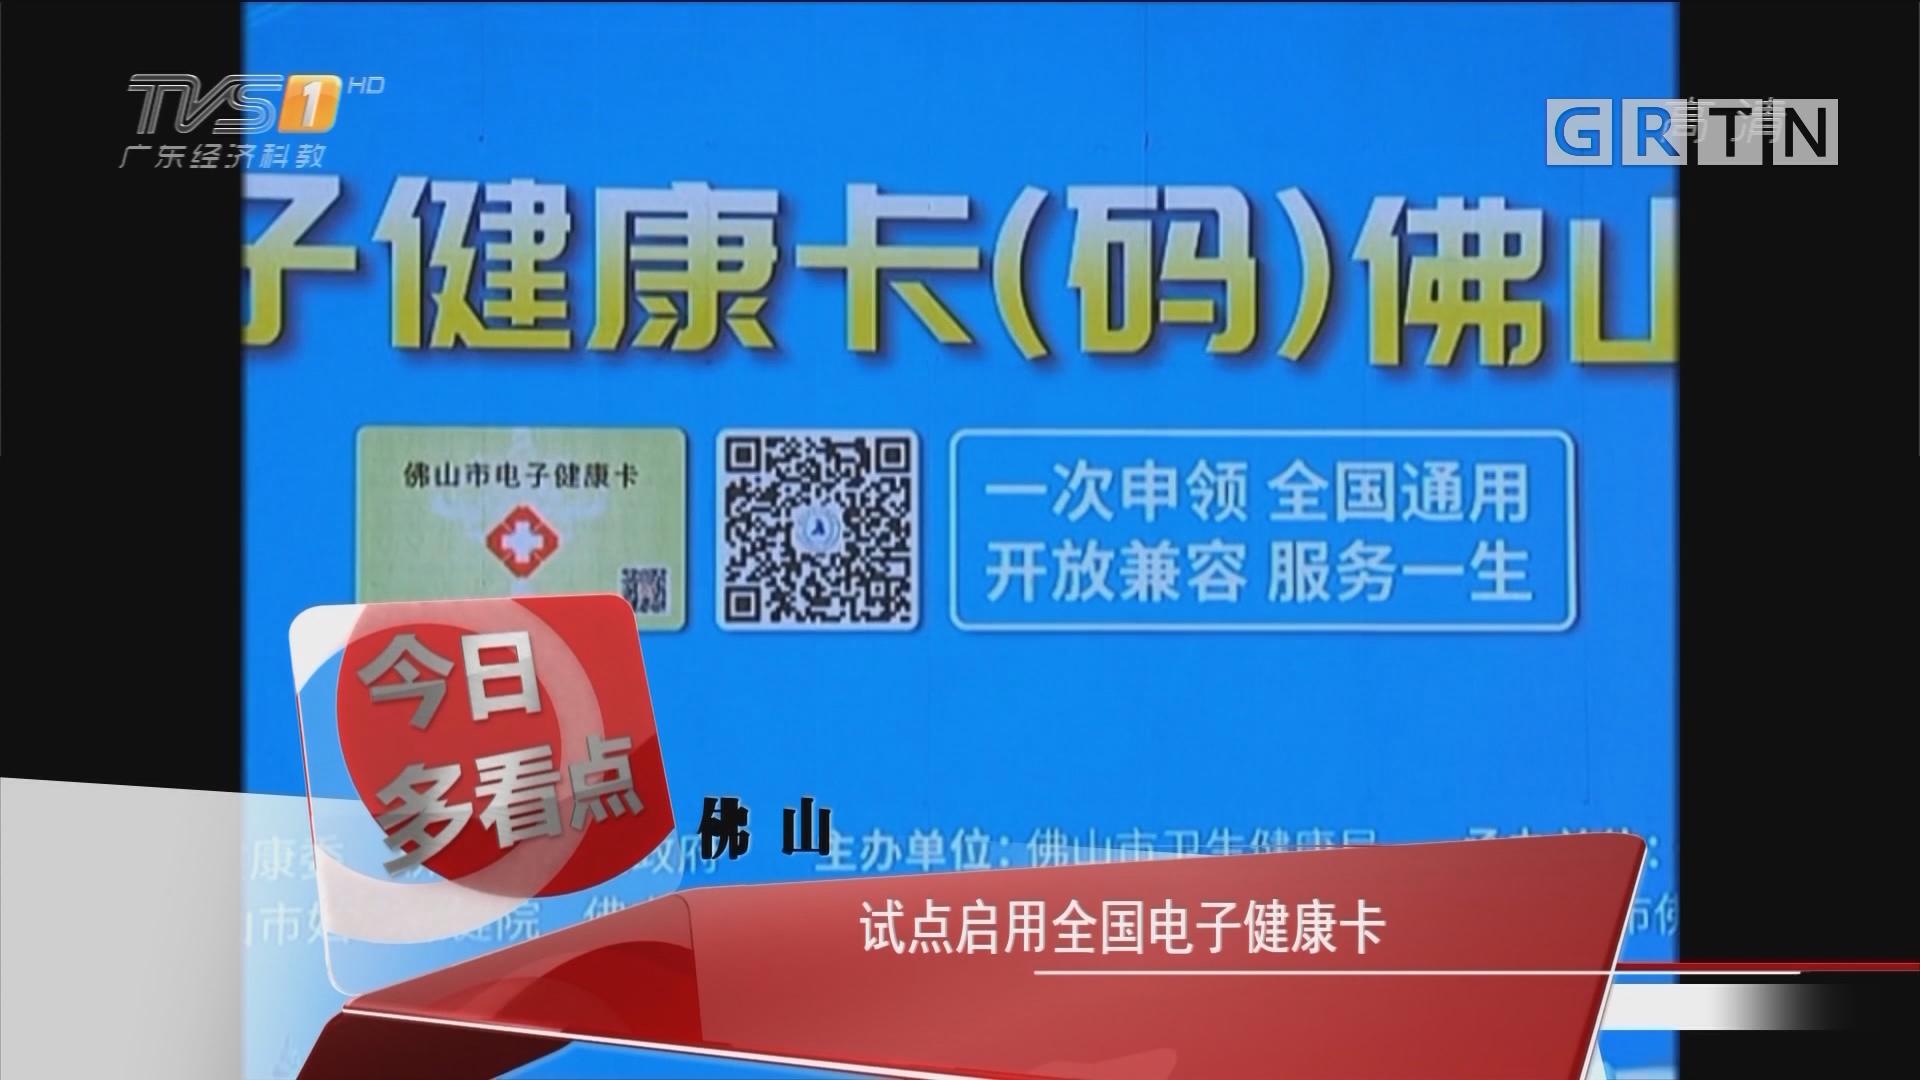 佛山:试点启用全国电子健康卡